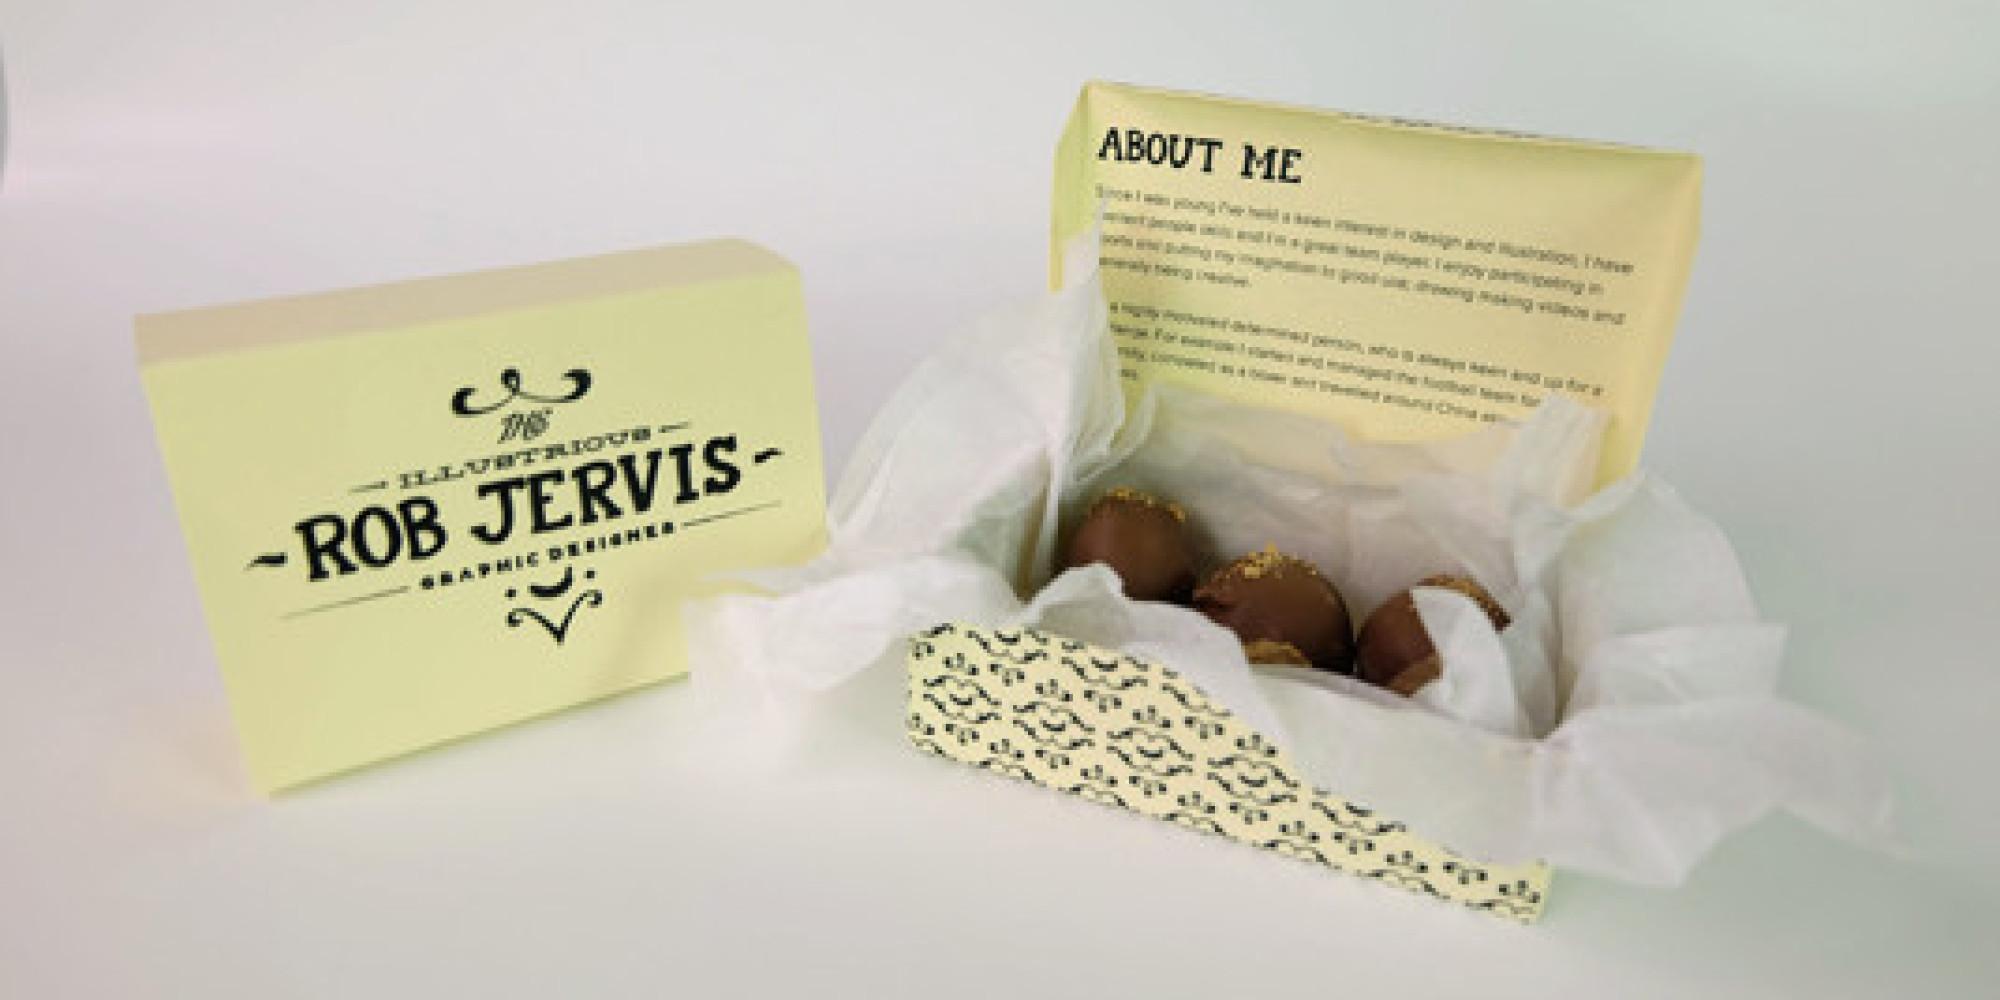 le cv original en forme de bo u00eete de chocolats  la bonne id u00e9e d u0026 39 un designer anglais  rob jervis